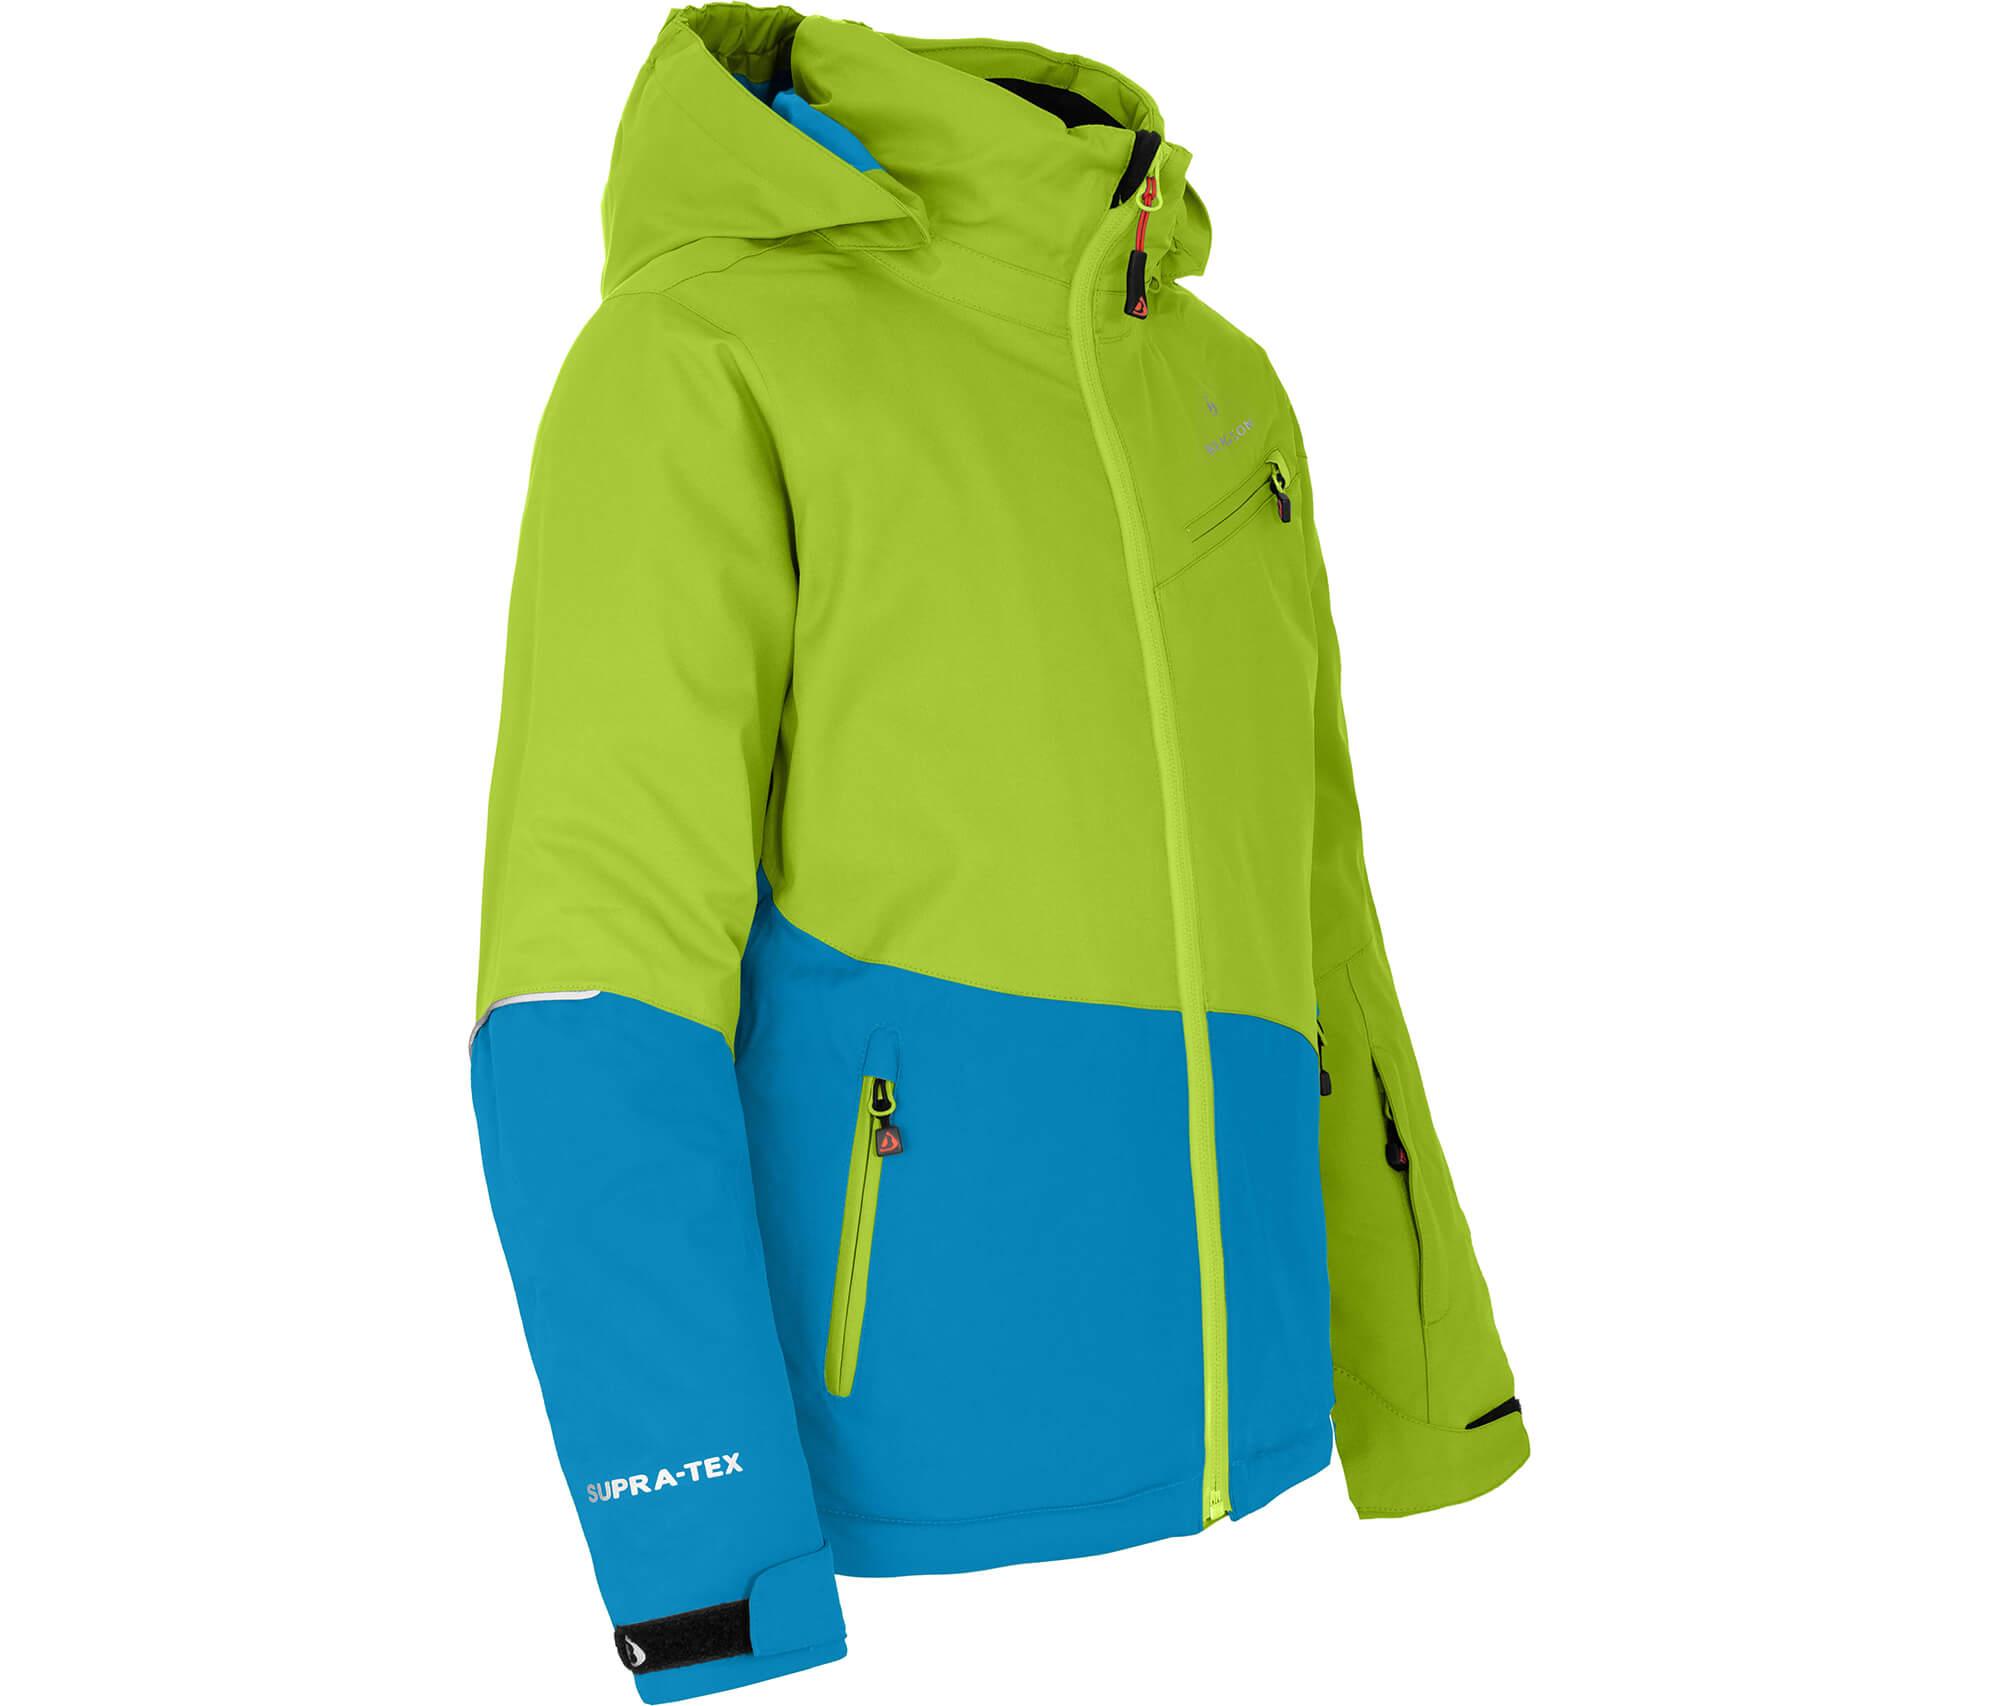 Bergson Kinder Skijacke LUNA lime grün